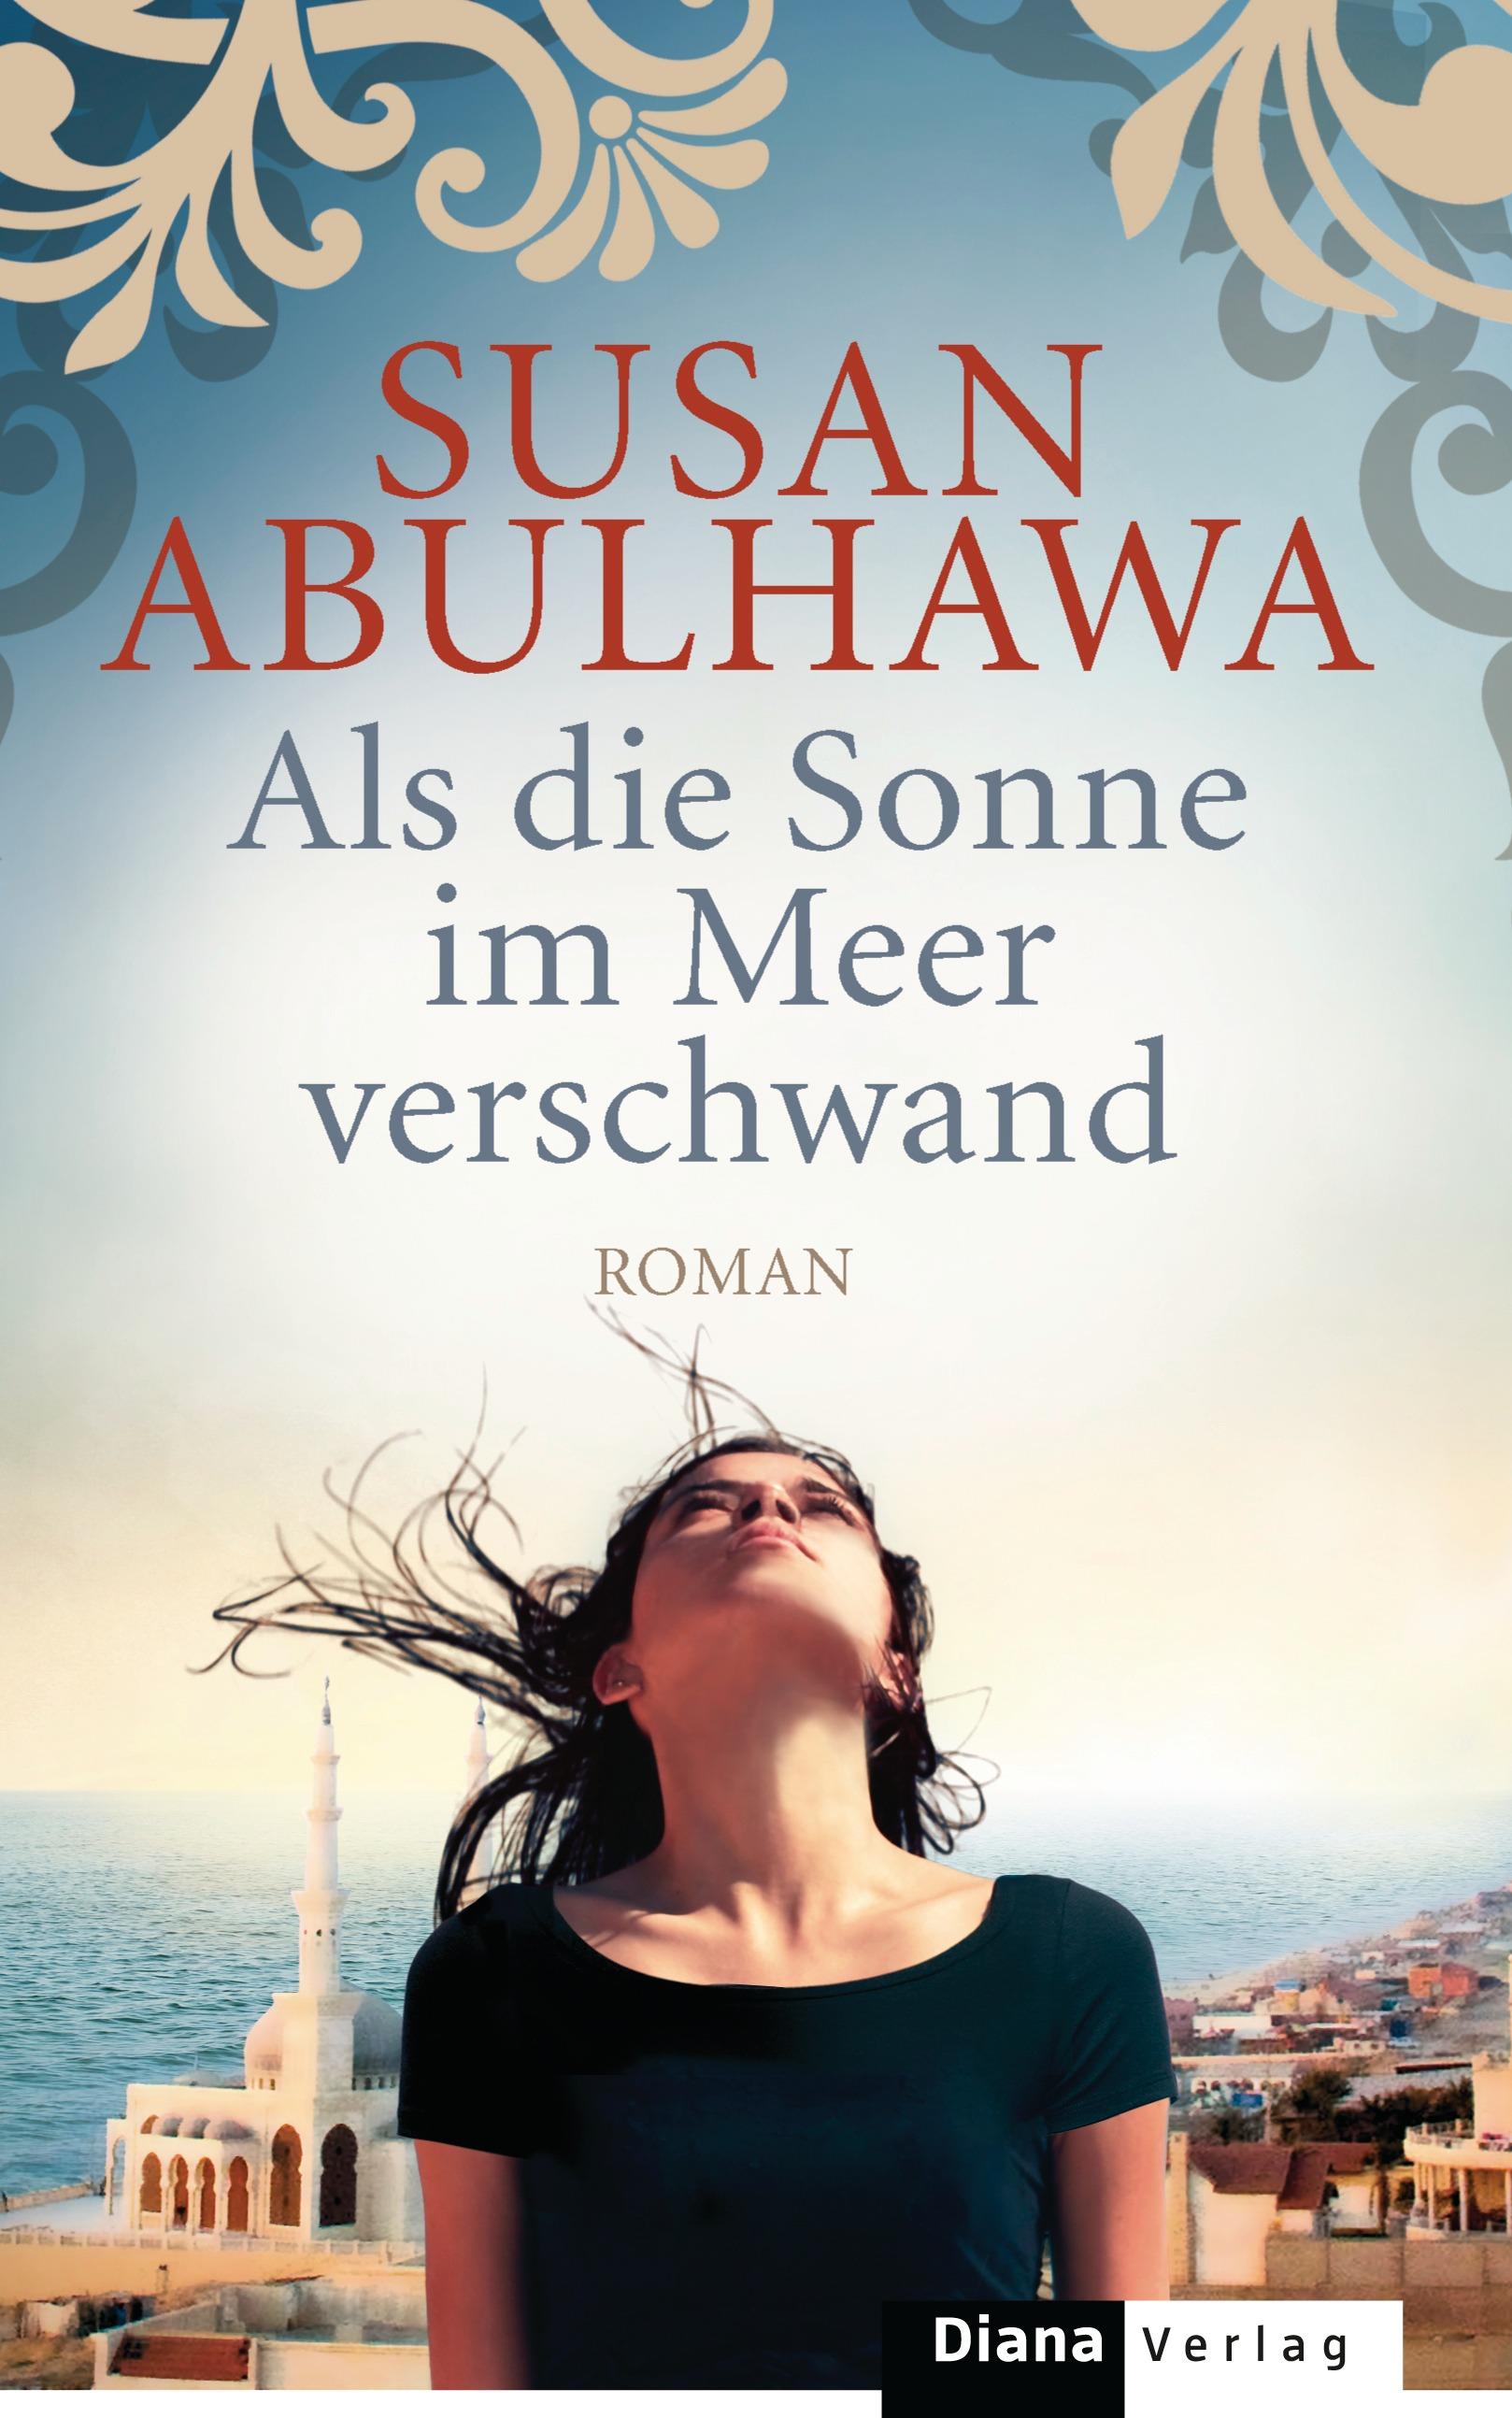 © Diana Verlag